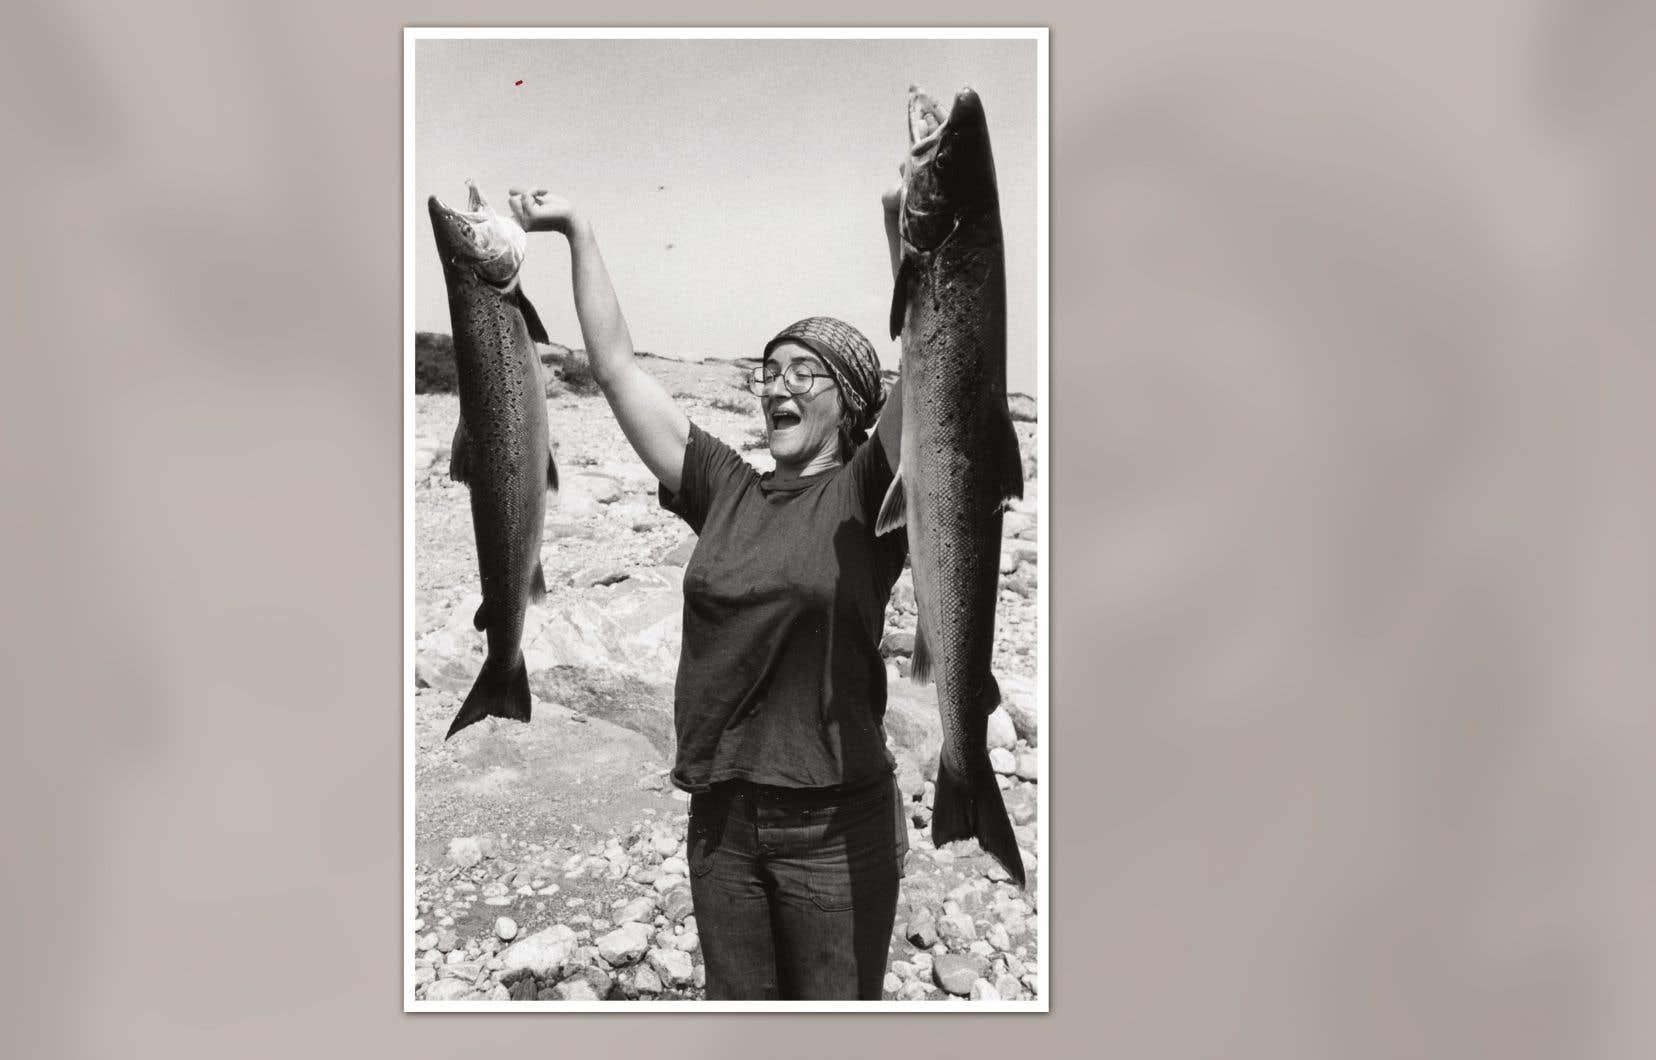 Les travaux de José Mailhot, comme ceux de Sylvie Vincent et de Rémi Savard, ont profondément marqué Joséphine Bacon, qui les a accompagnés dans leurs recherches et a ainsi saisi l'occasion de se réapproprier sa culture.